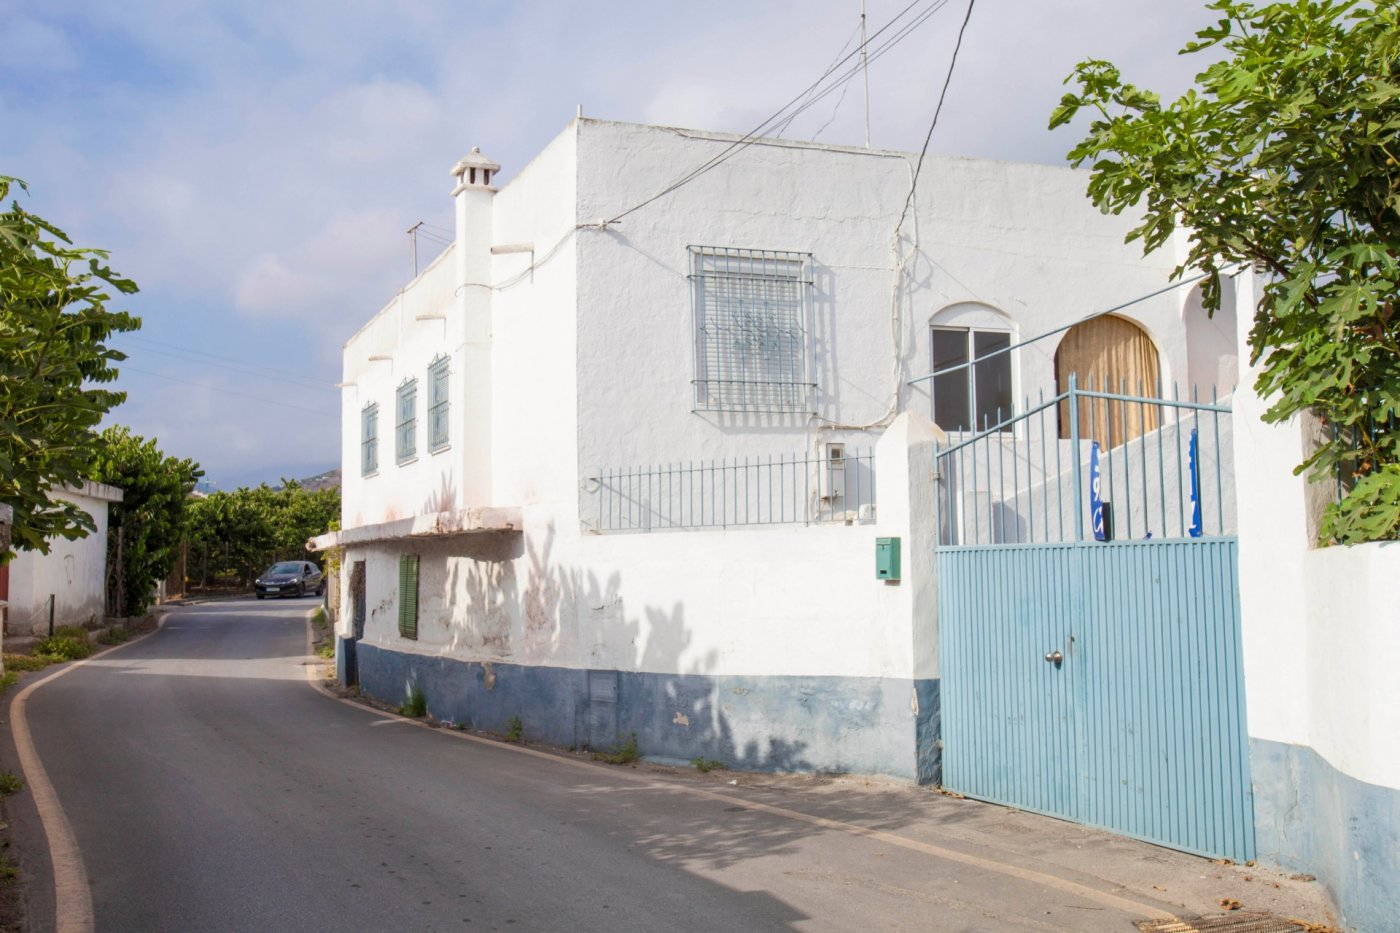 Casa rustica y solar urbano.